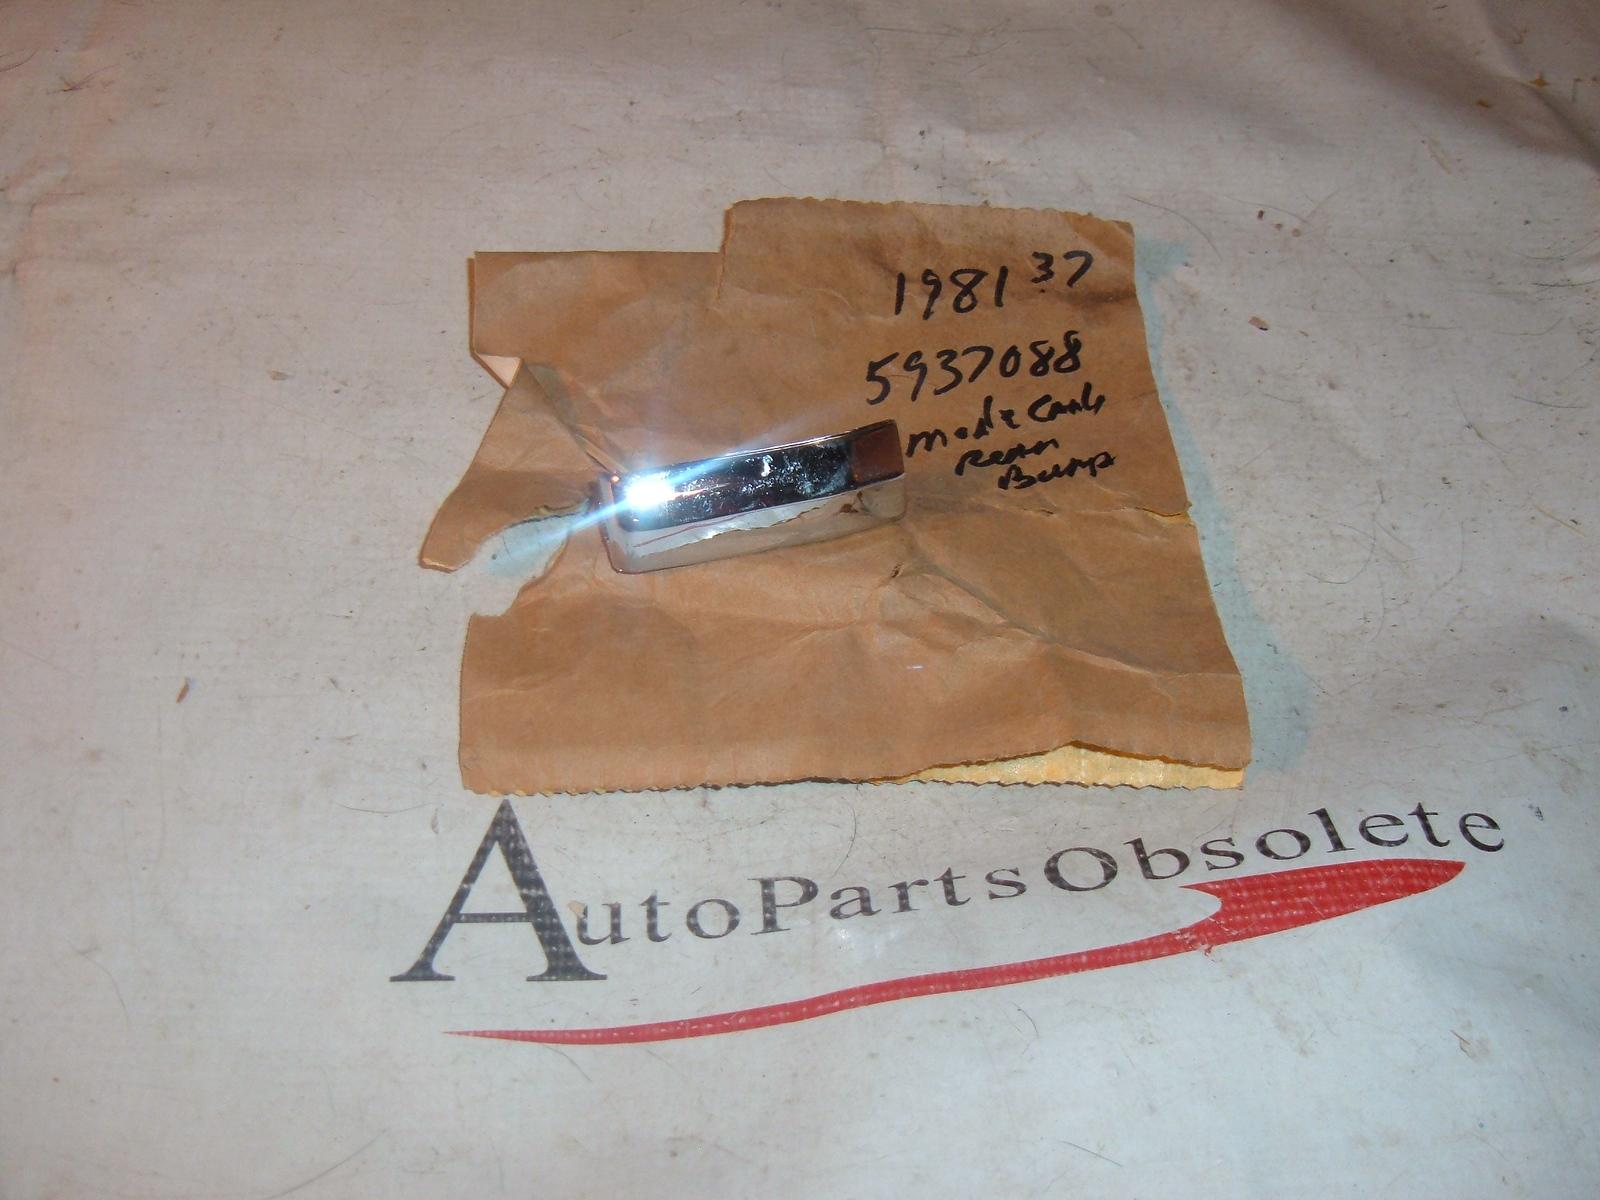 1981 chevrolet monte carlo rear bumper cap nos gm # 5973088 (z 5973088)